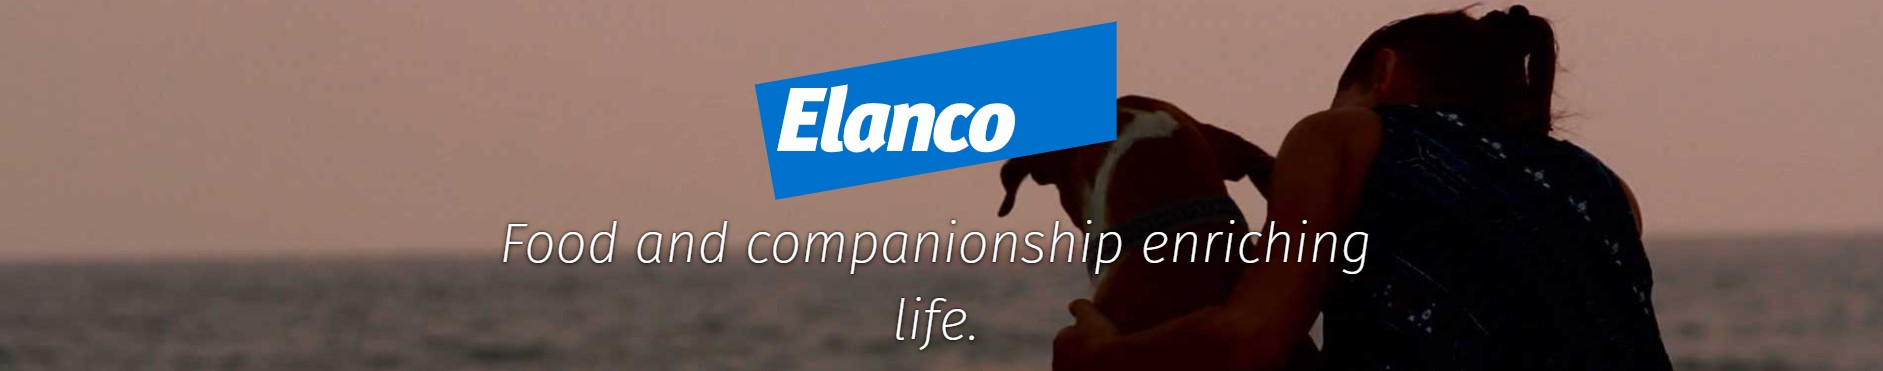 Elanco se dirige a aquellas personas con animales a su cargo y les ofrece soluciones para una vida mejor gracias a la alimentación y al vínculo con los animales.